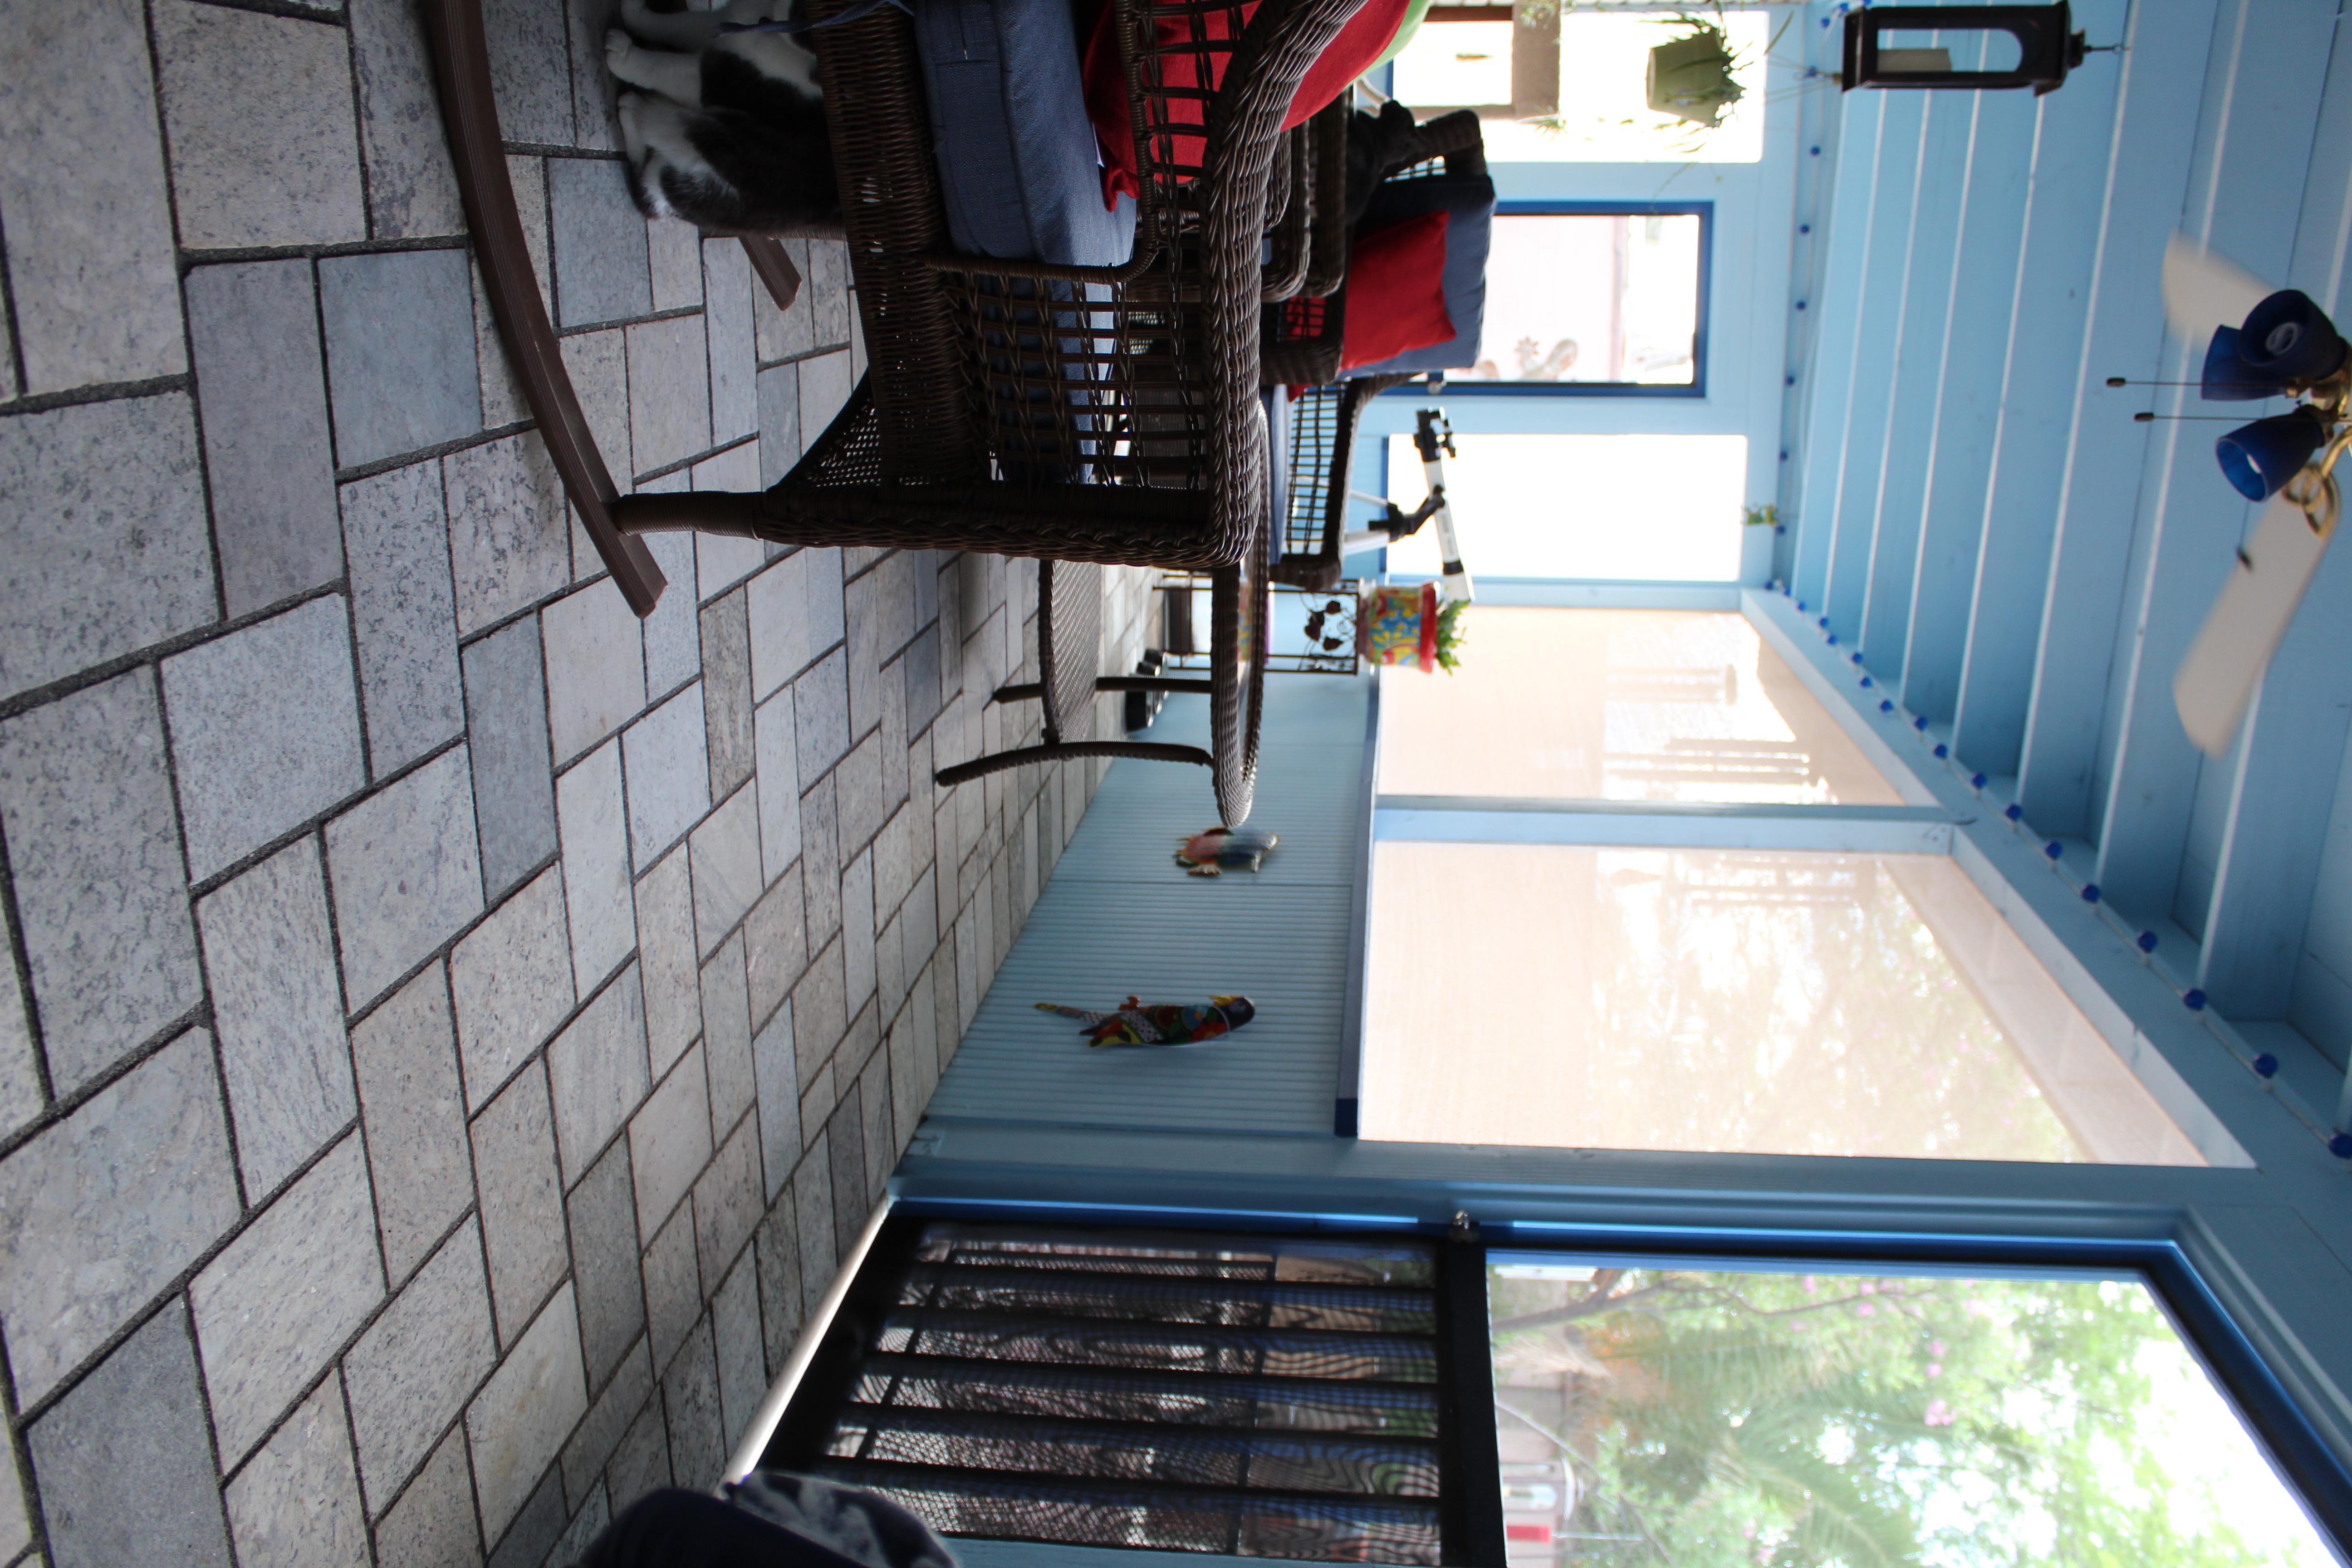 Arizona Room Paver flooring